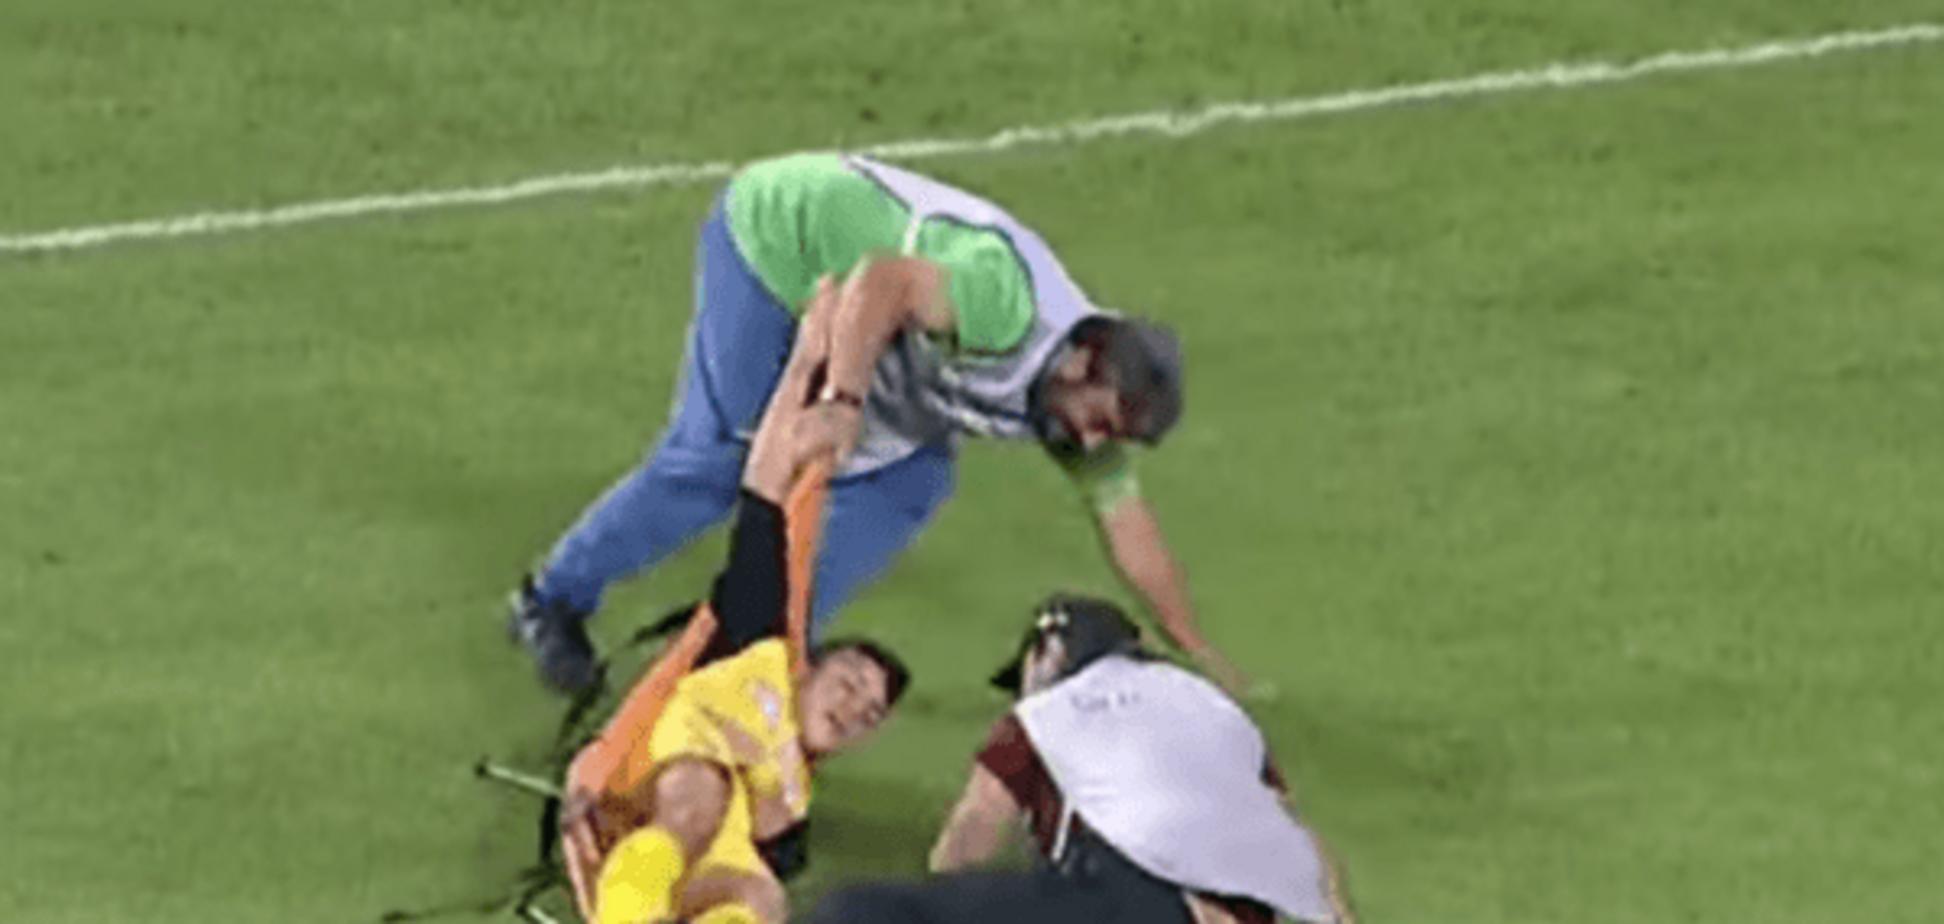 'Два дебила - это сила': неуклюжие футбольные санитары устроили 'Камеди-клаб' на поле